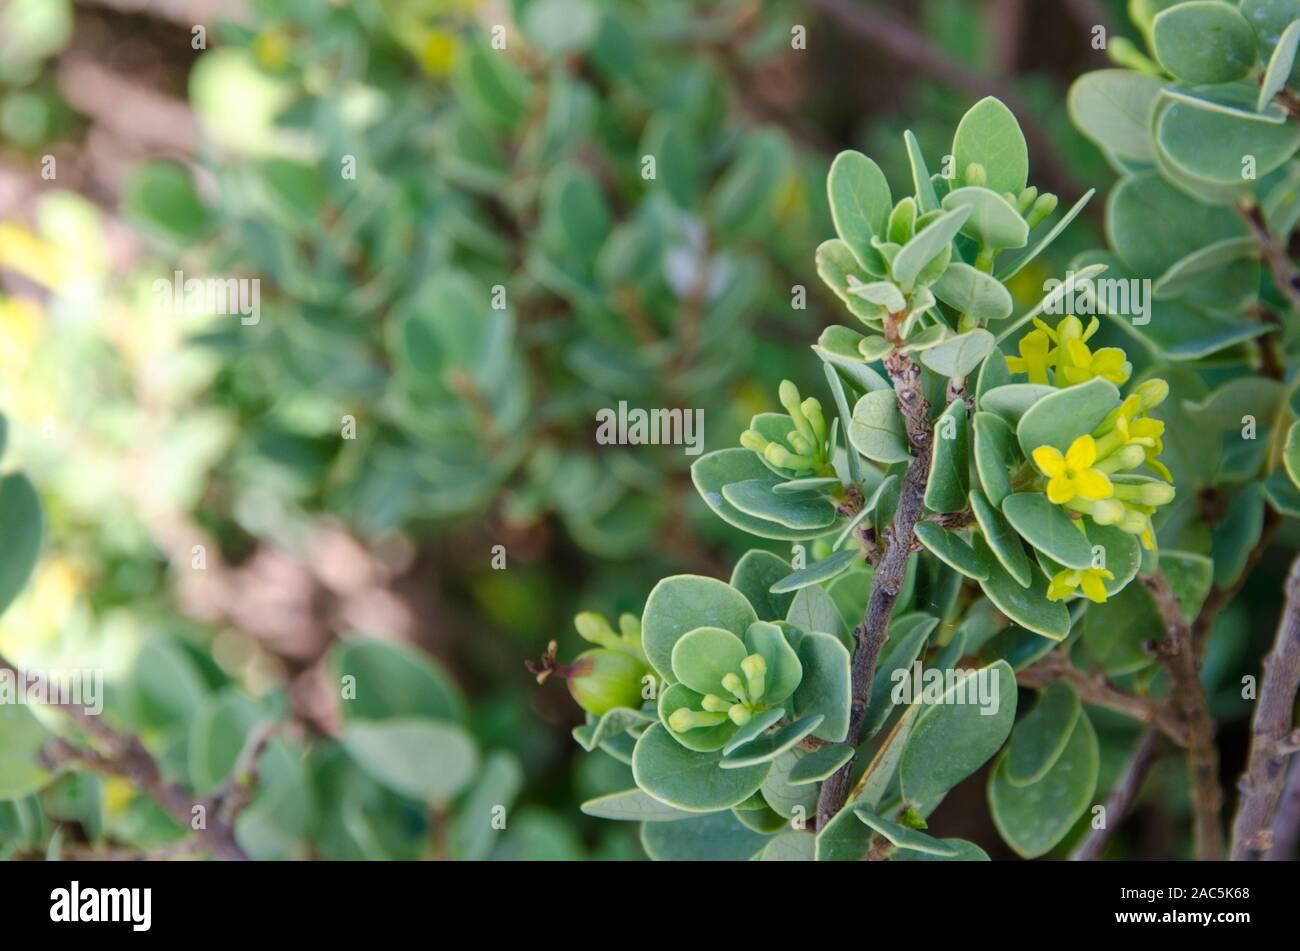 La native Hawaiian 'akia plante est soit mâle ou femelle. Après la floraison, les plantes femelles produisent des fruits ronds attrayants, qui sont jaunes, orange ou r Banque D'Images